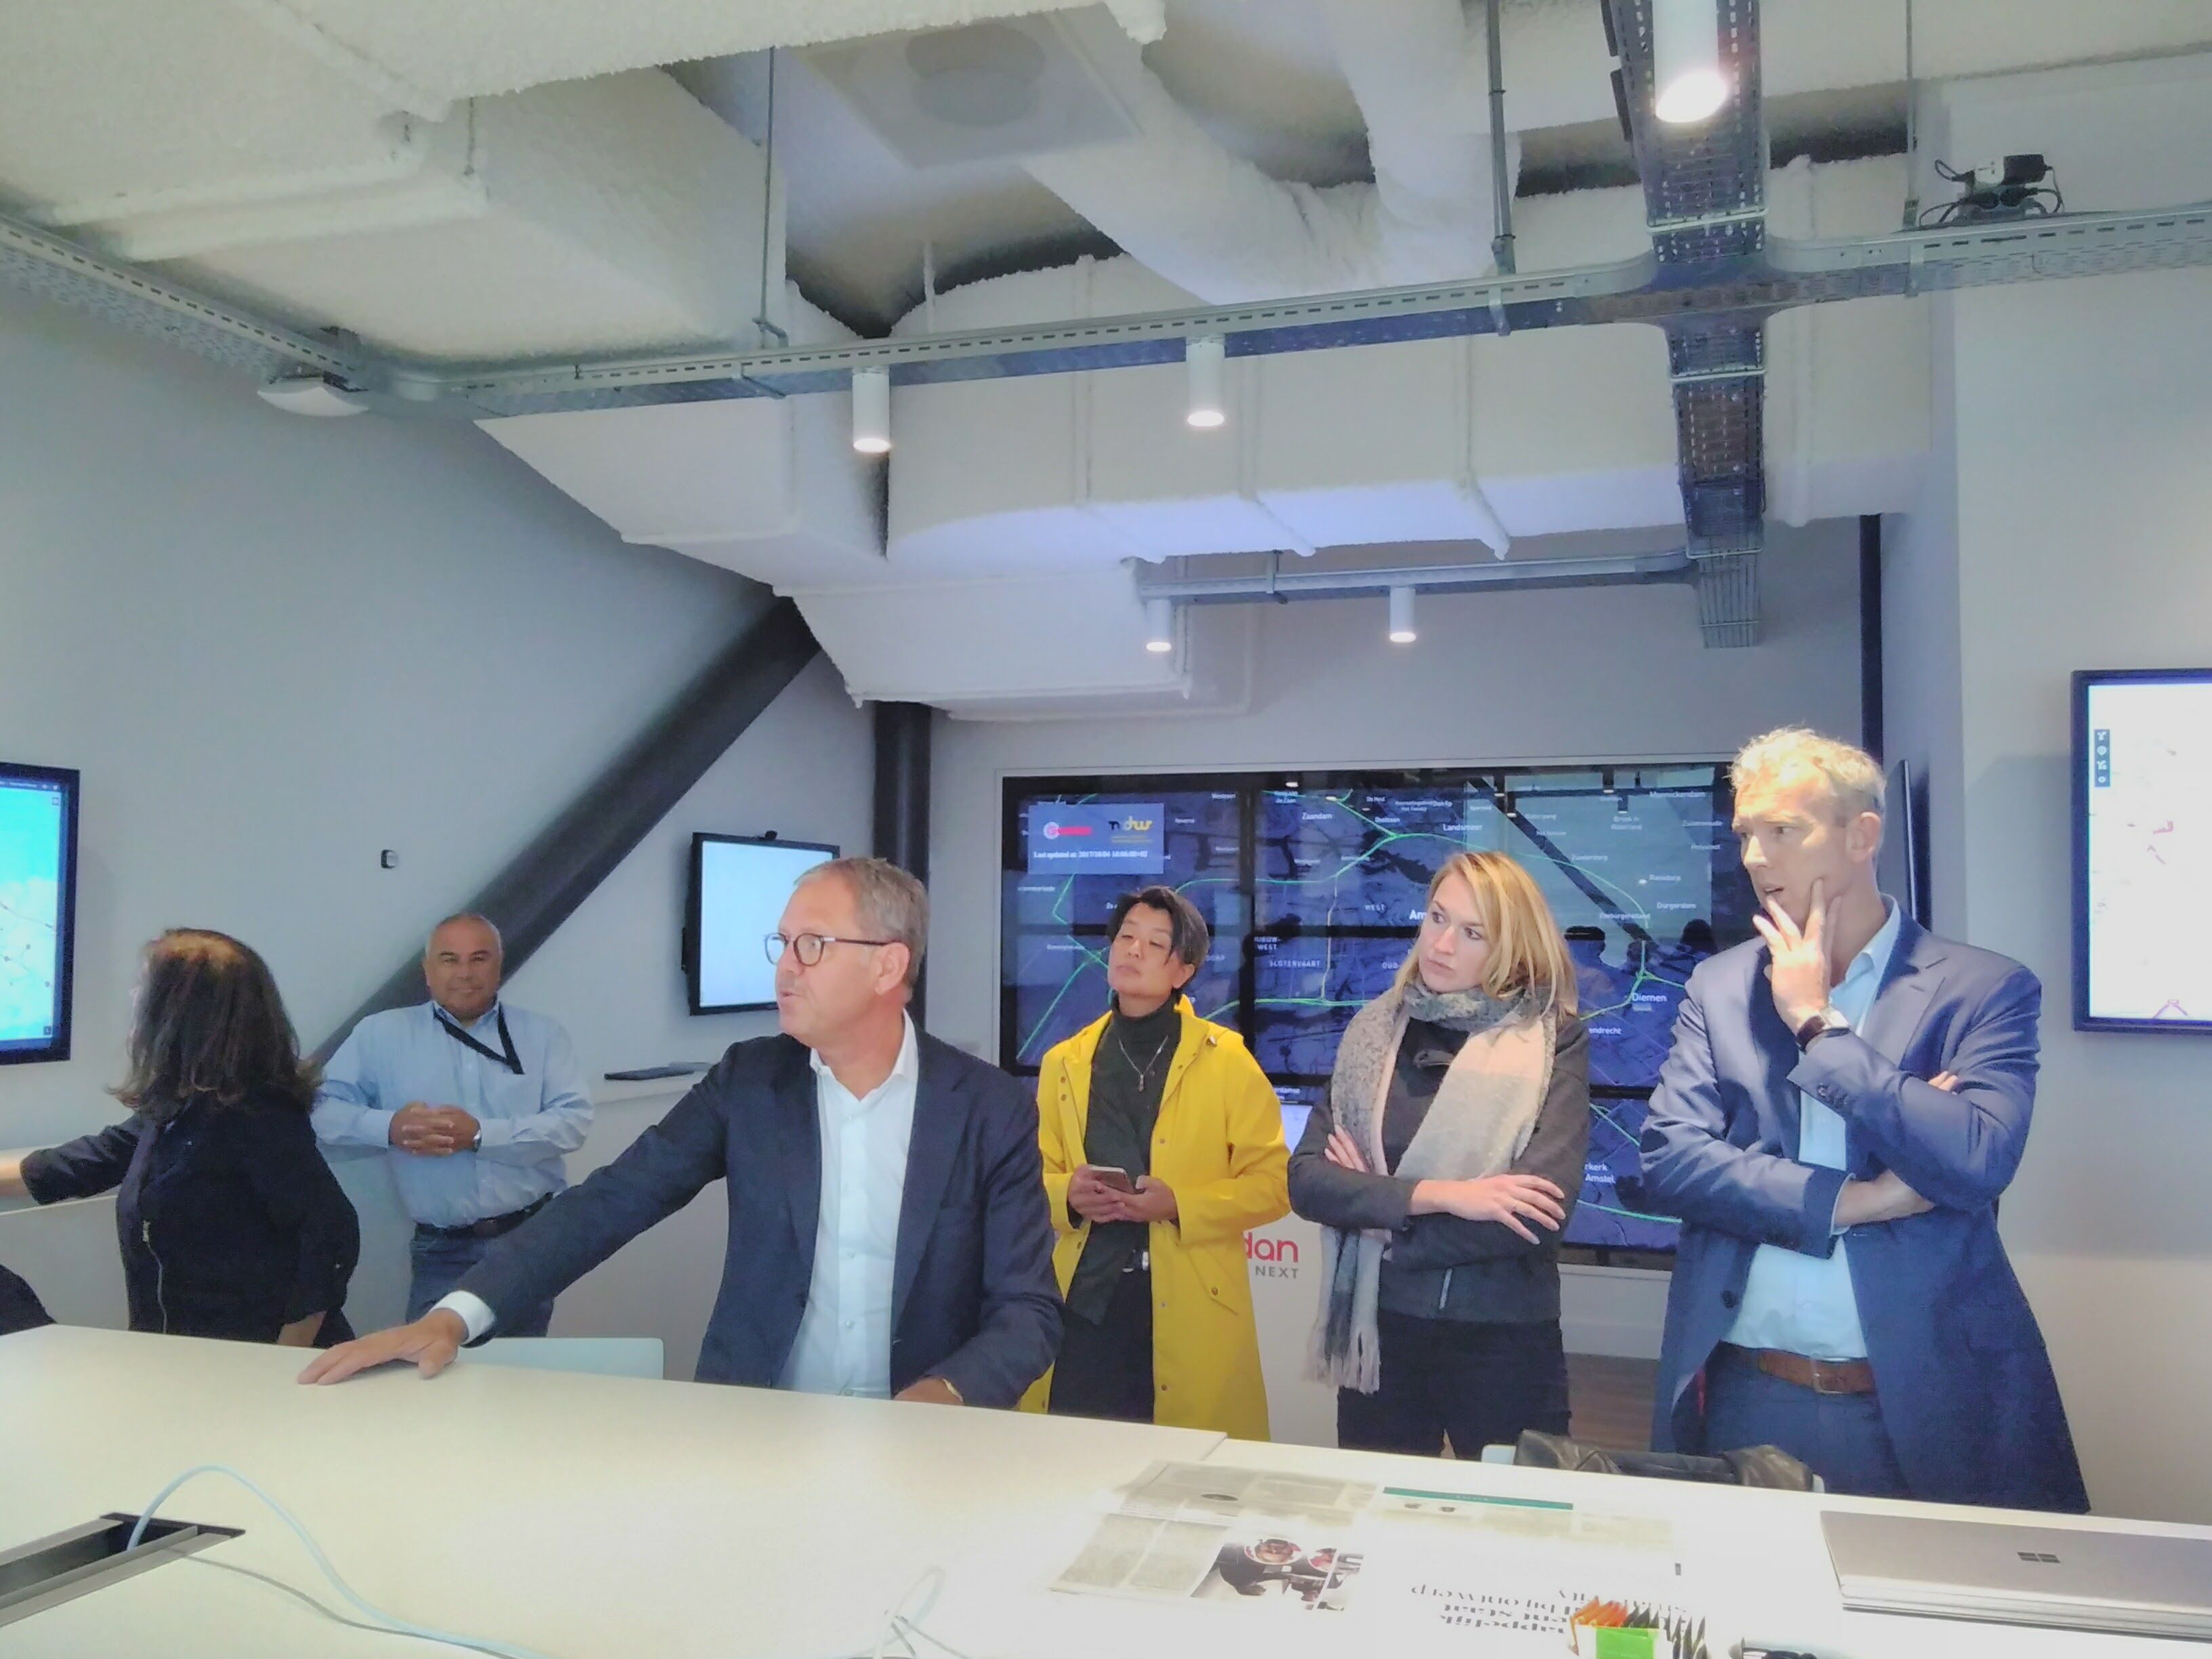 In de 'situation room' van de Amsterdam Arena laat Henk zien hoe de ArenA zich inzet voor innovatie in duurzaamheid en veiligheid.